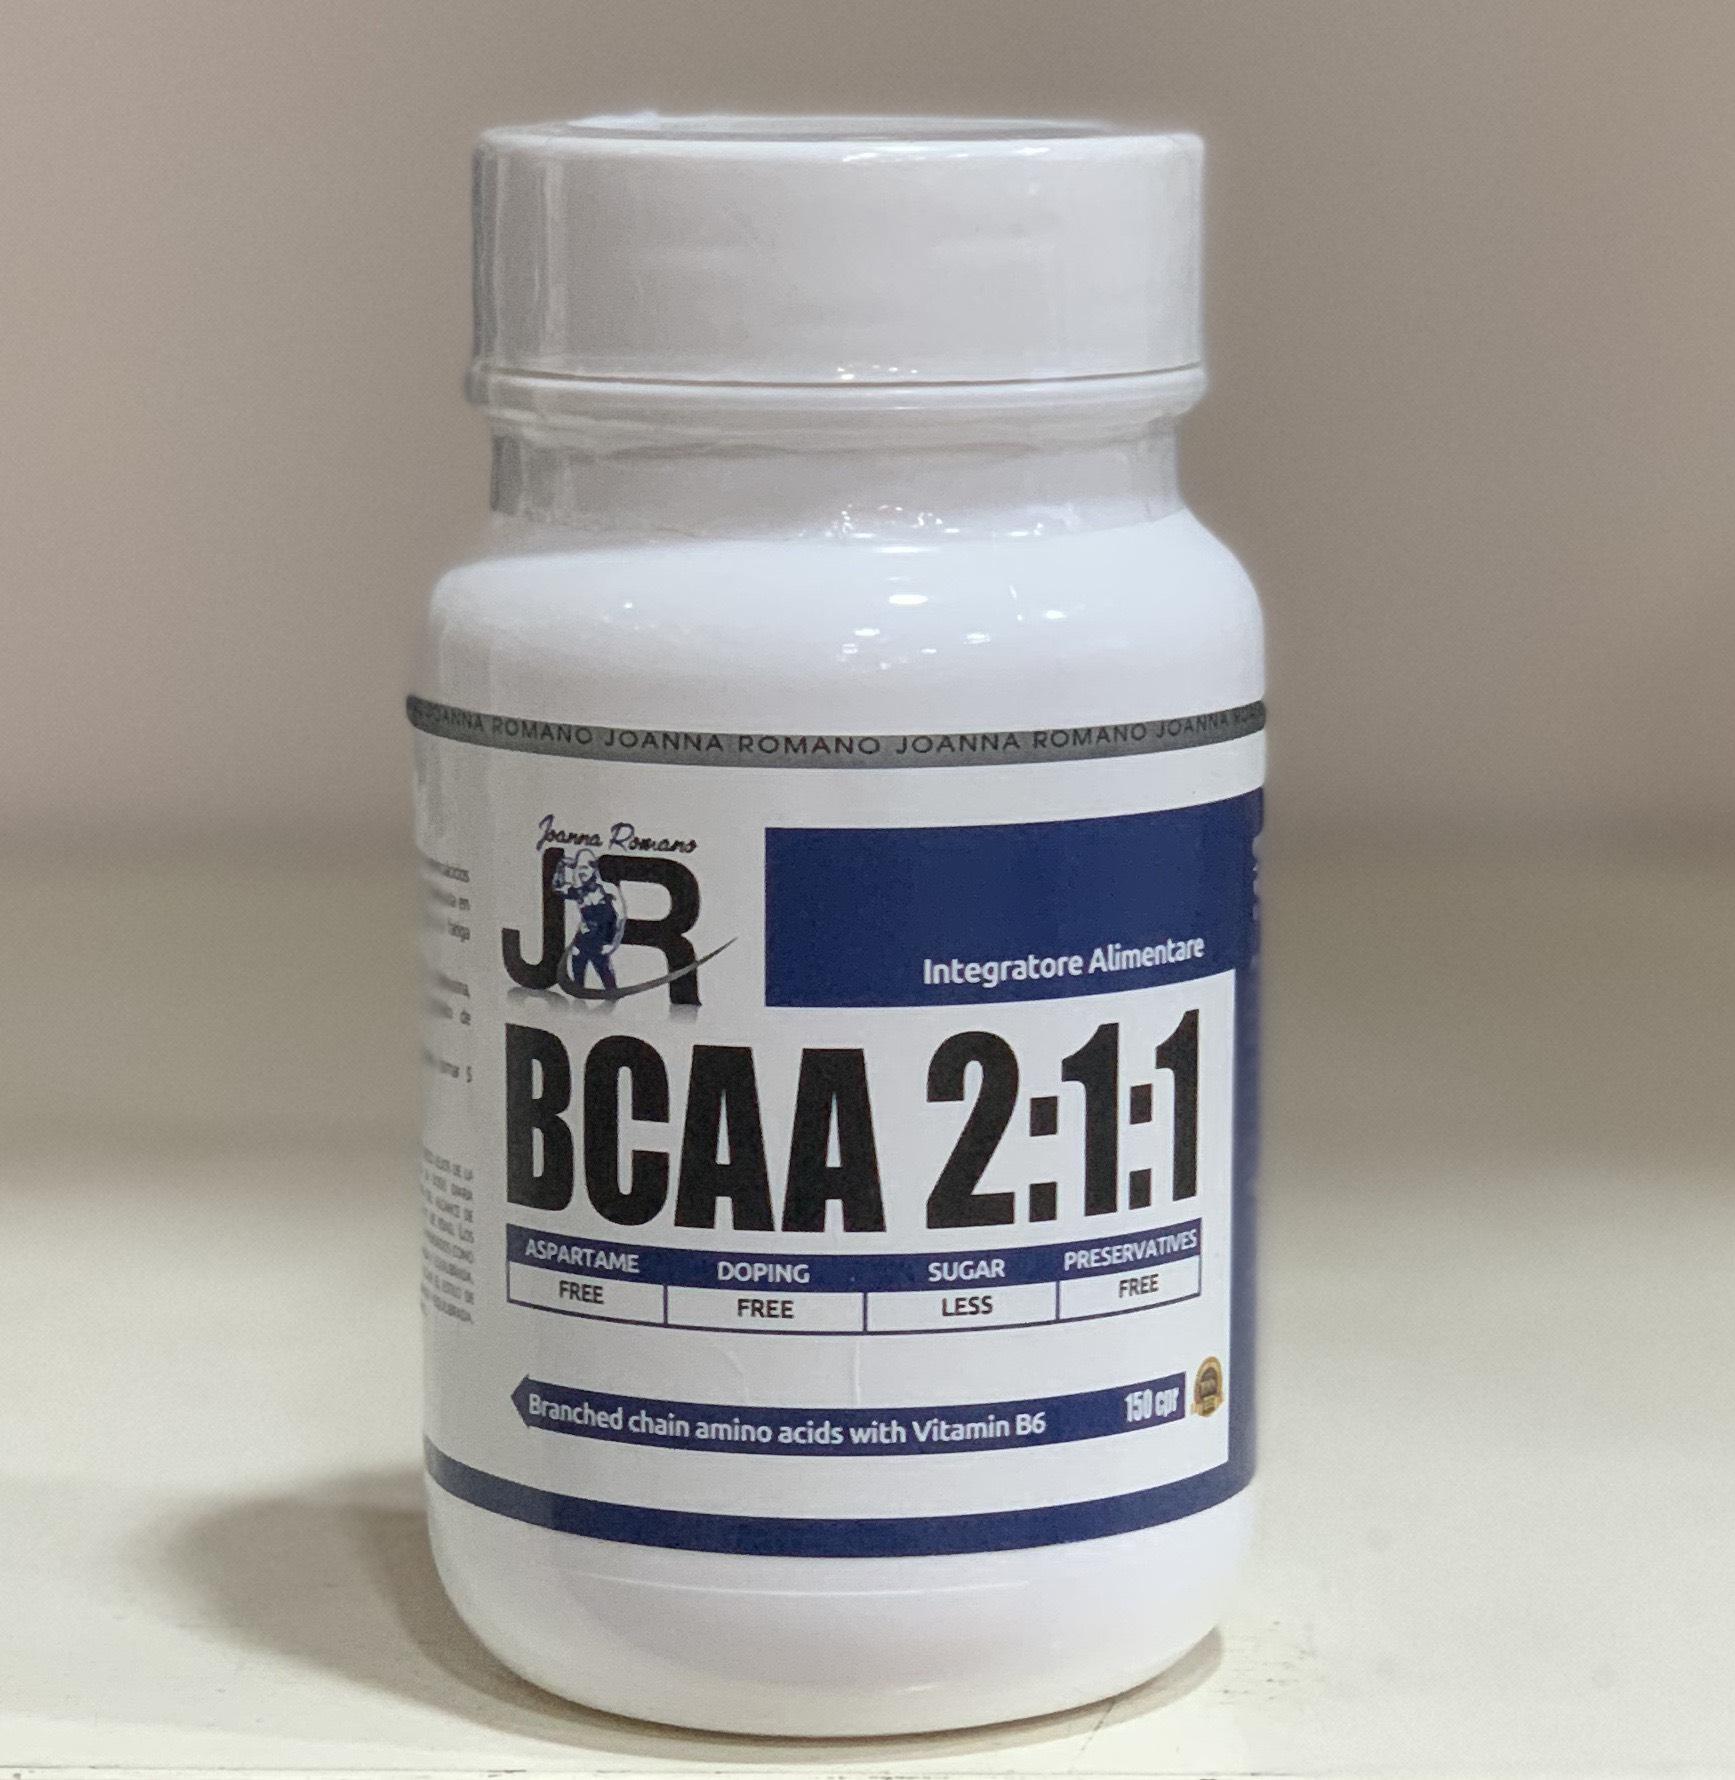 BCAA amino acids